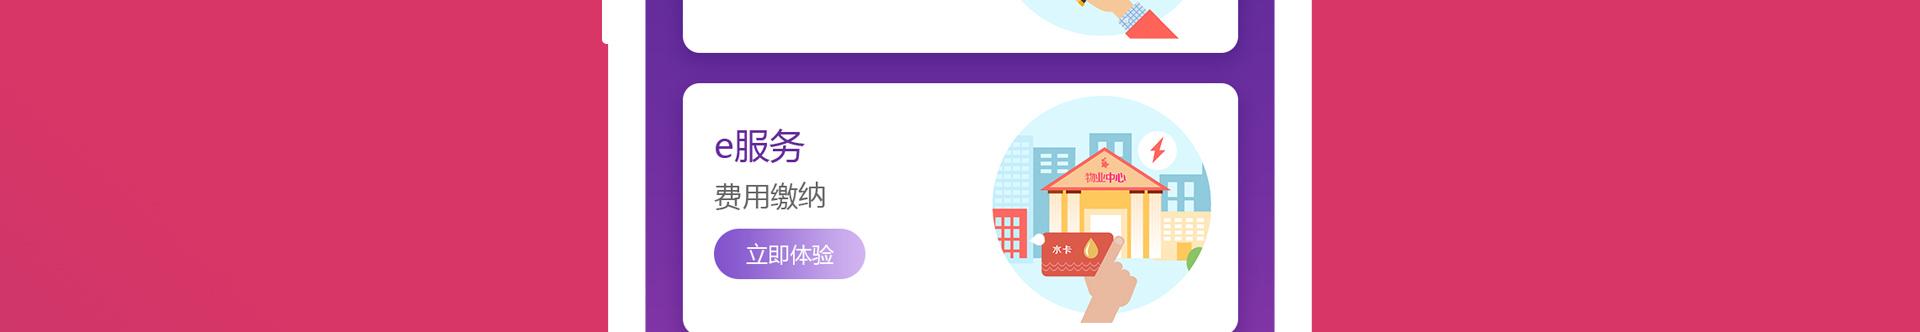 宏安幸福汇|系统开发案例-四川华科创达信息技术有限公司